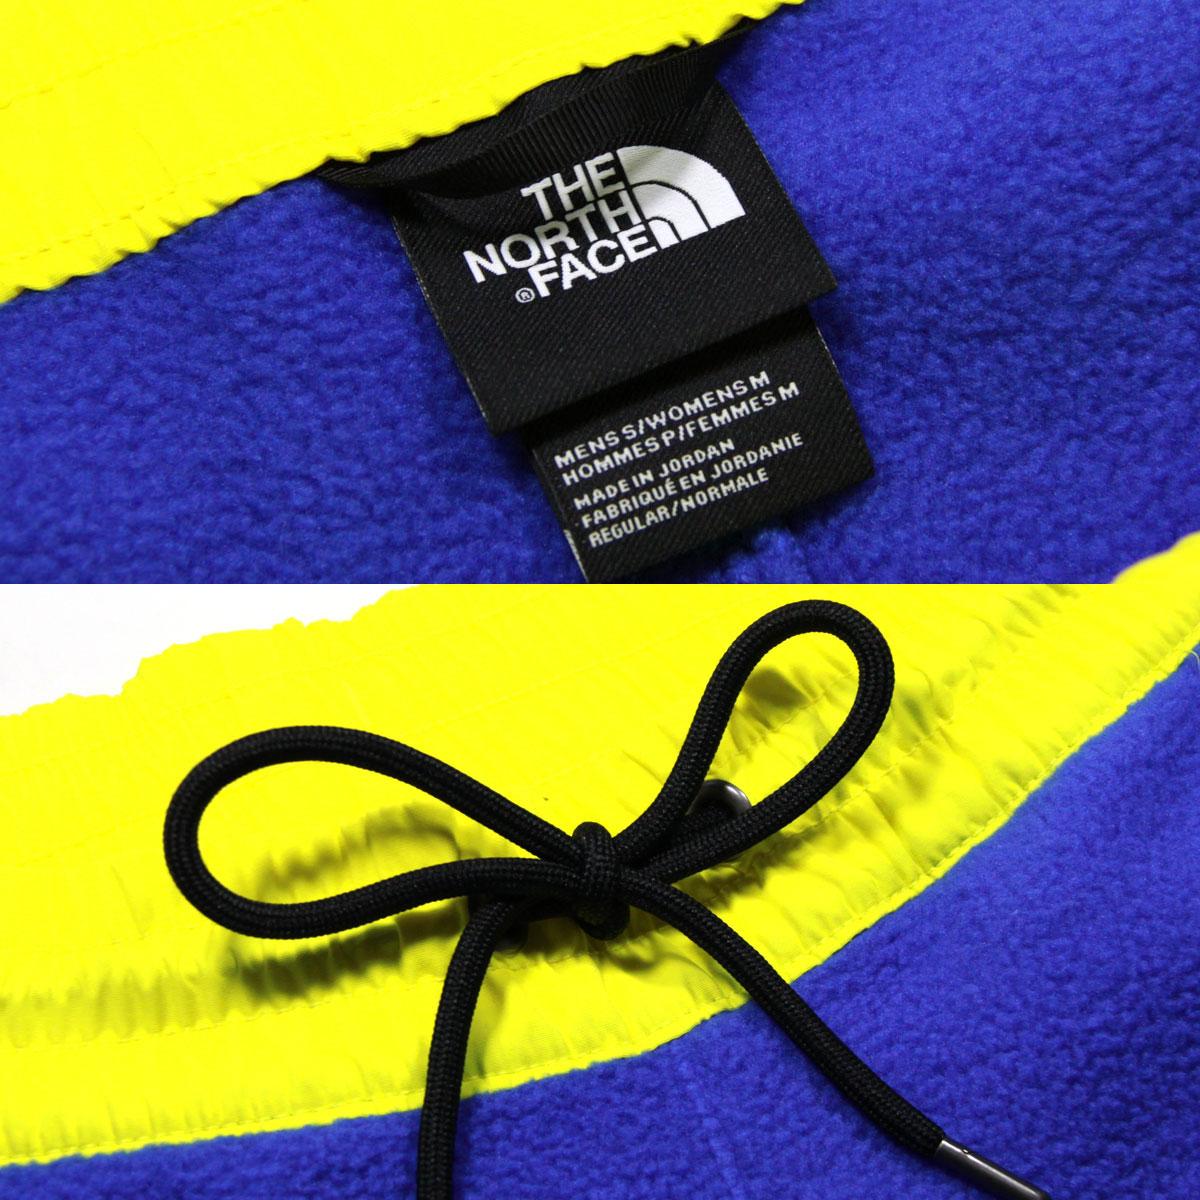 ノースフェイス パンツ メンズ 正規品 THE NORTH FACE ボトムス スウェットパンツ 90 EXTREME FLEECE PANT NF0A4AGL TNF BLUE COMBO A14B B1C C2D D6E E07F